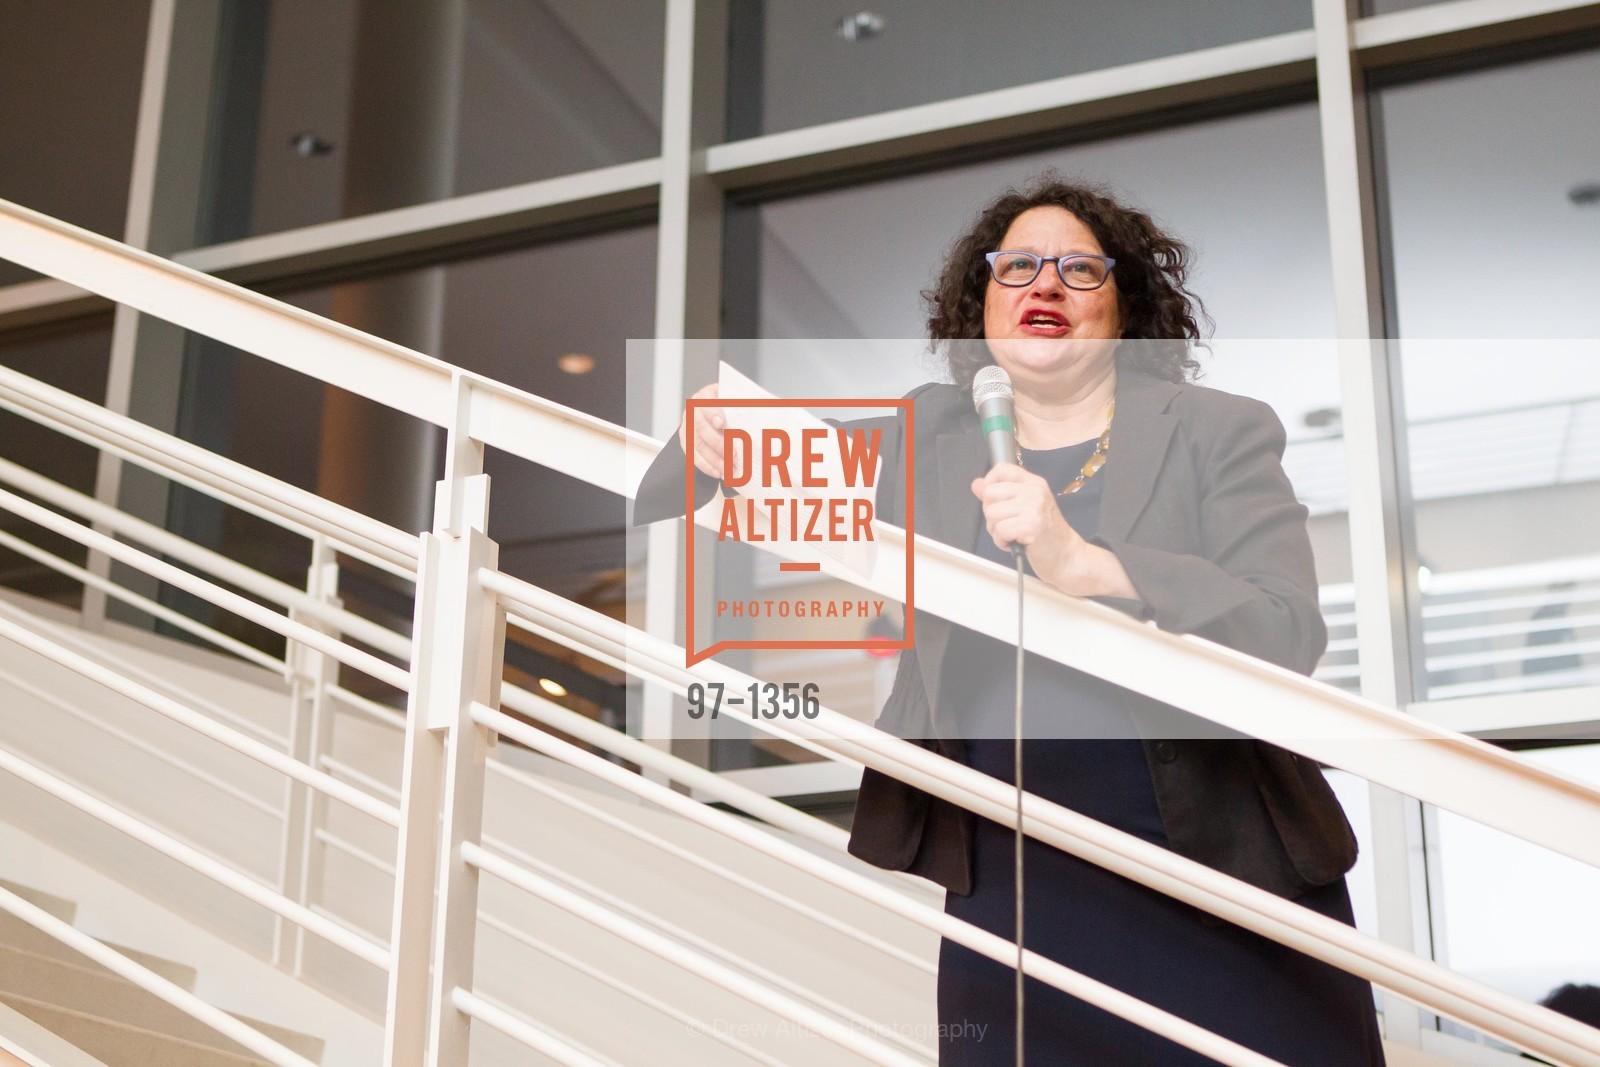 Betti-Sue Hertz, Photo #97-1356